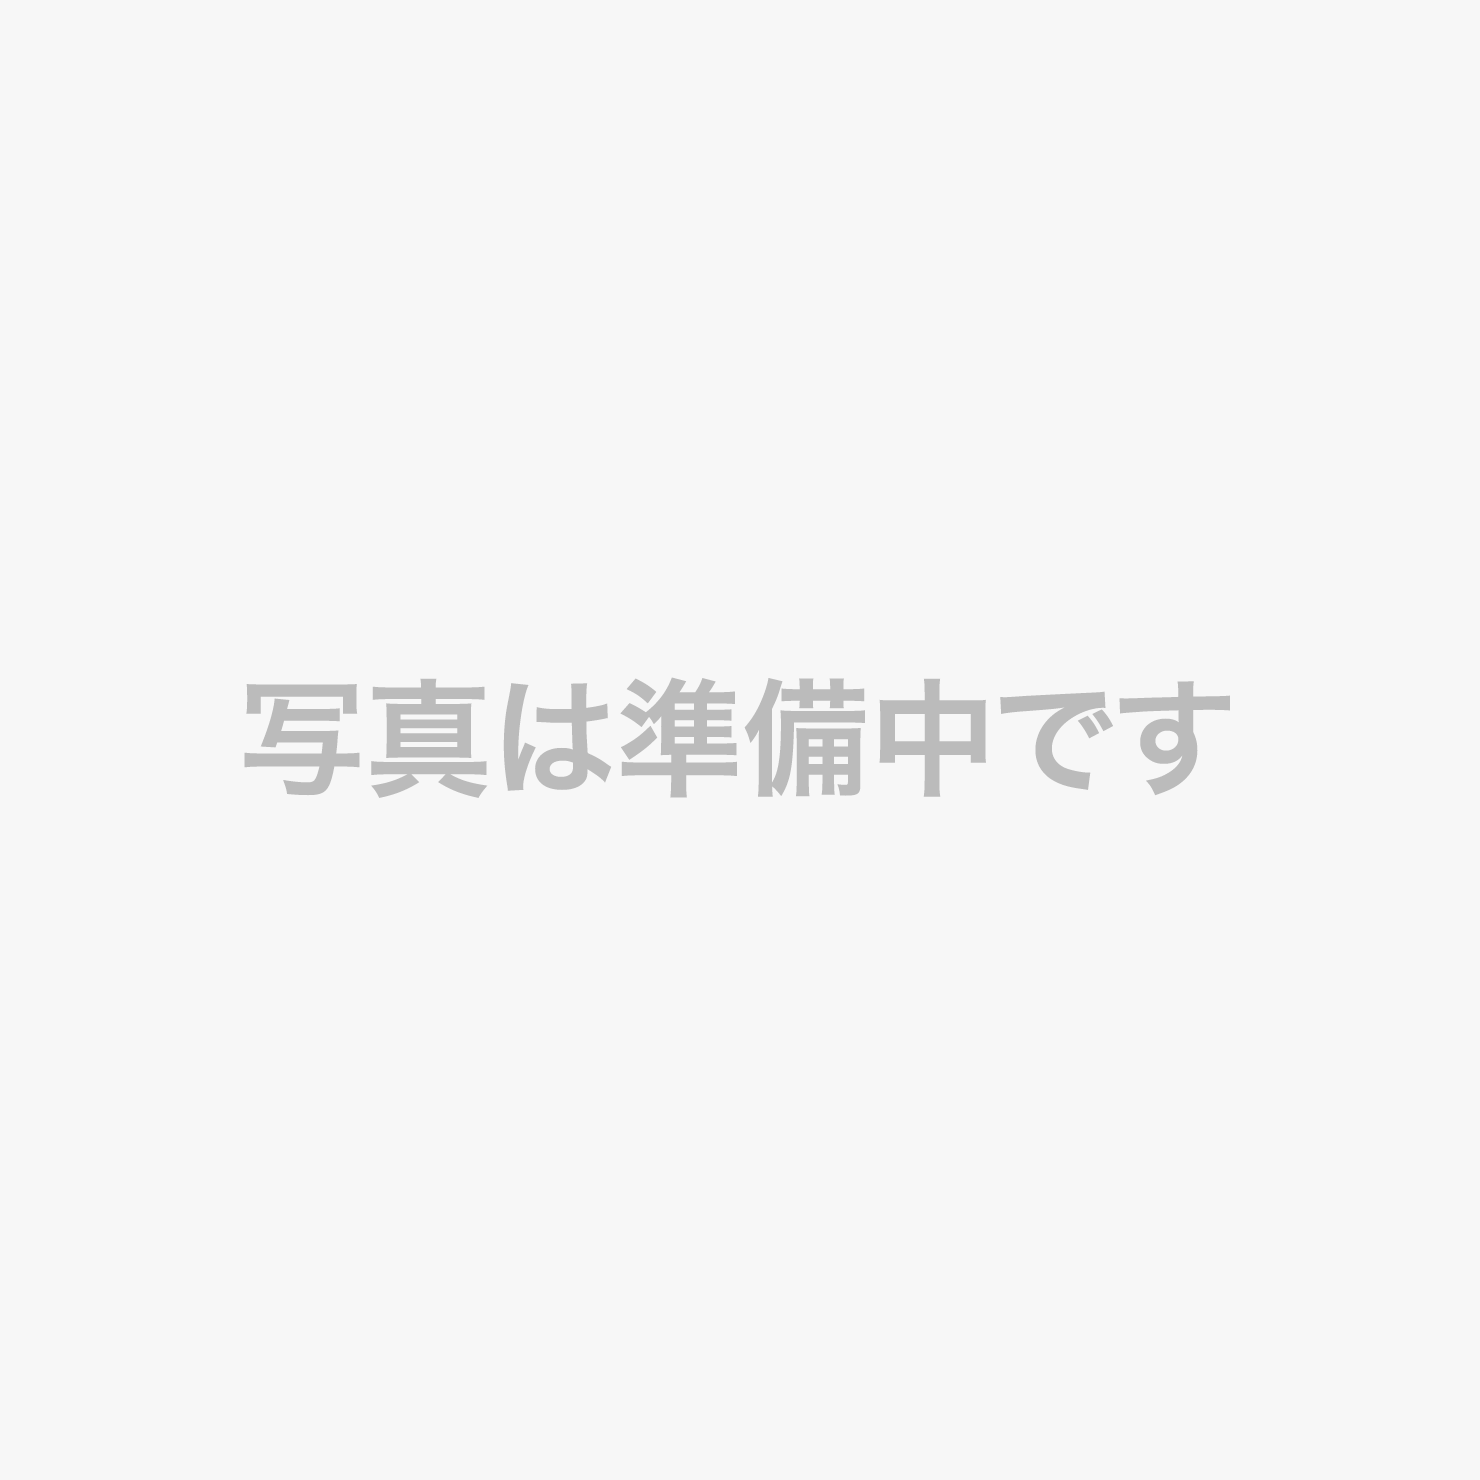 ◆甘味/有の実、柿コンポート(2020年9月お食事イメージ)